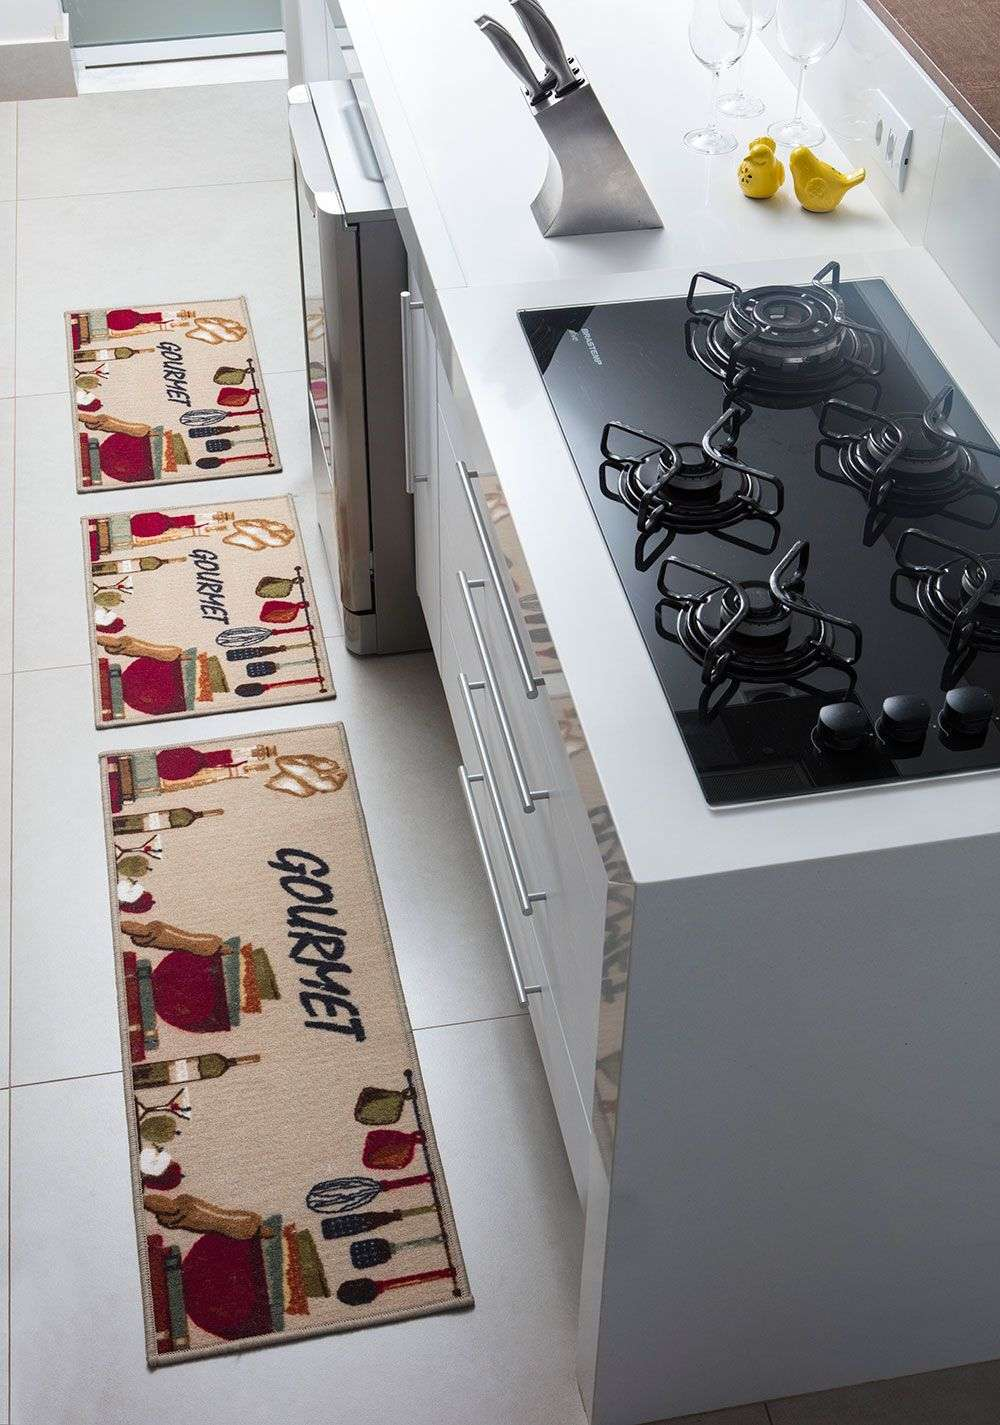 ee6d463c3 Jogo Tapetes de Cozinha Confeitare Cozinha Gourmet 3 peças